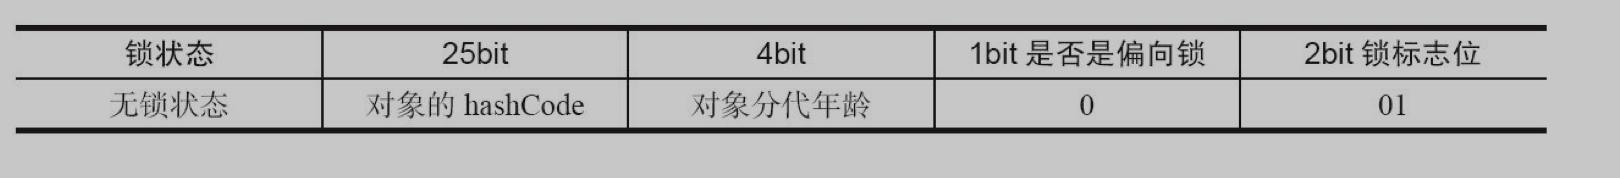 32位JVM Mark Word 结构